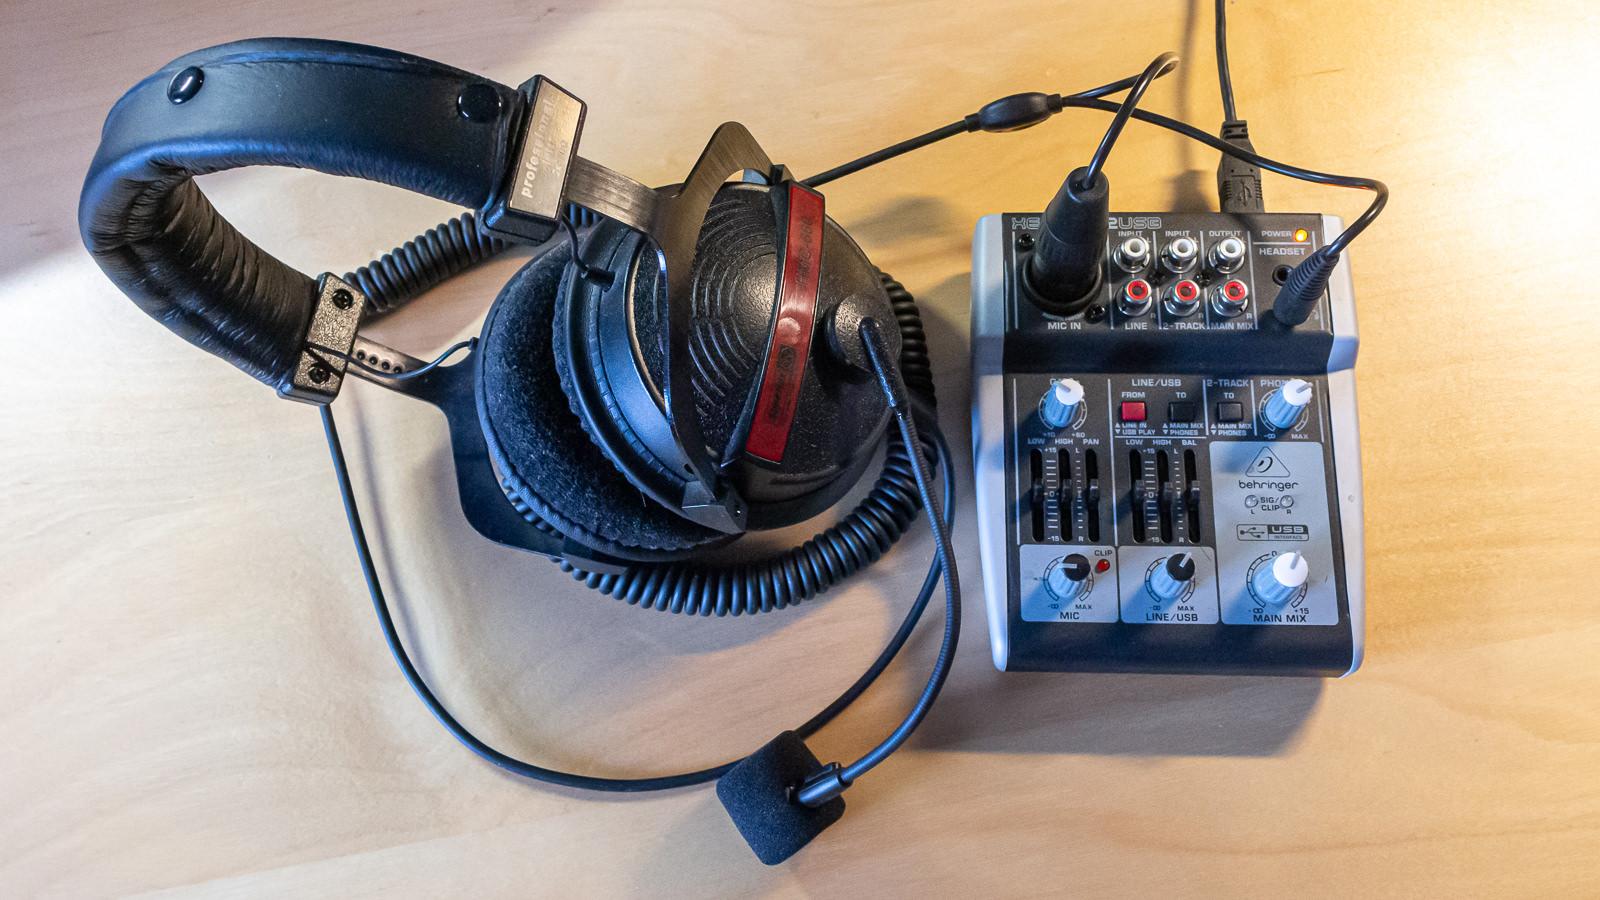 Podcasting-Hardware für unter 100 Euro. Dieses Setup funktioniert beim Autor probelmlos. (Foto: Ingo Busch)